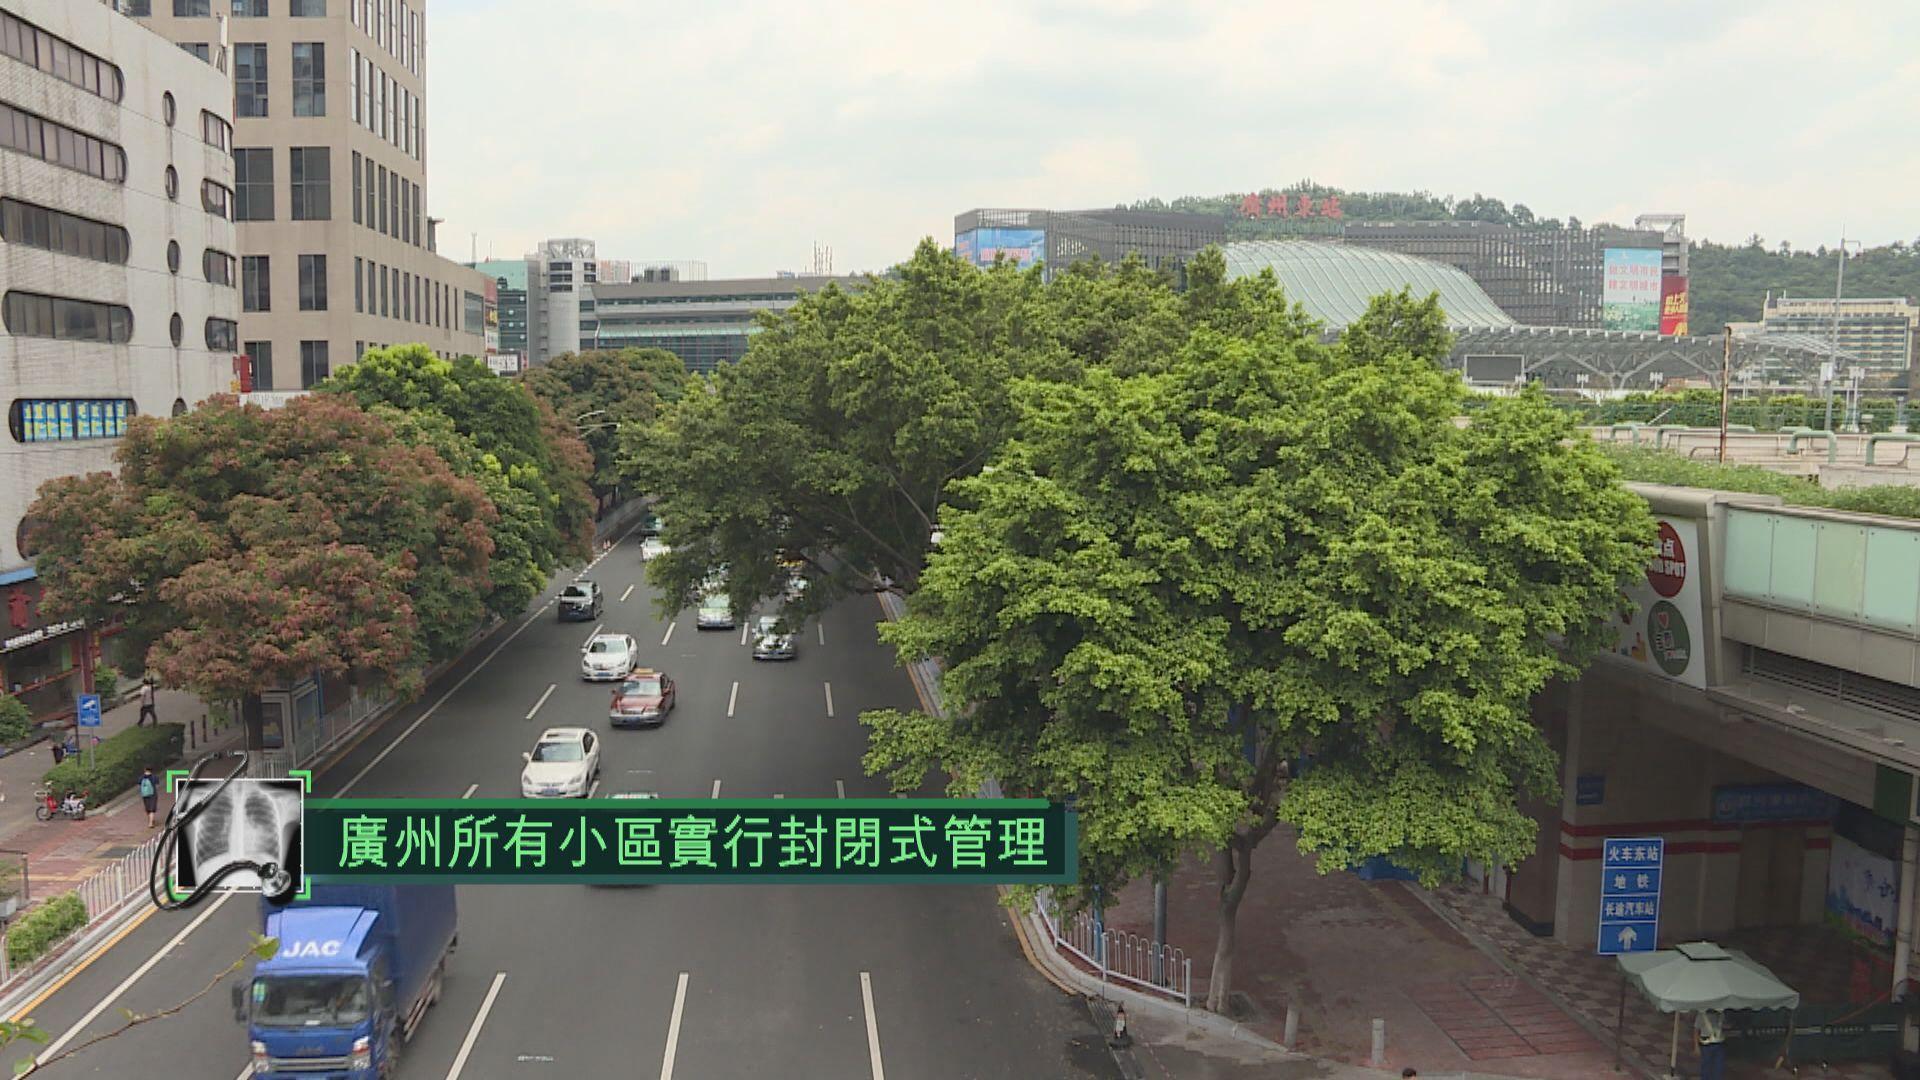 廣州所有小區實行封閉式管理